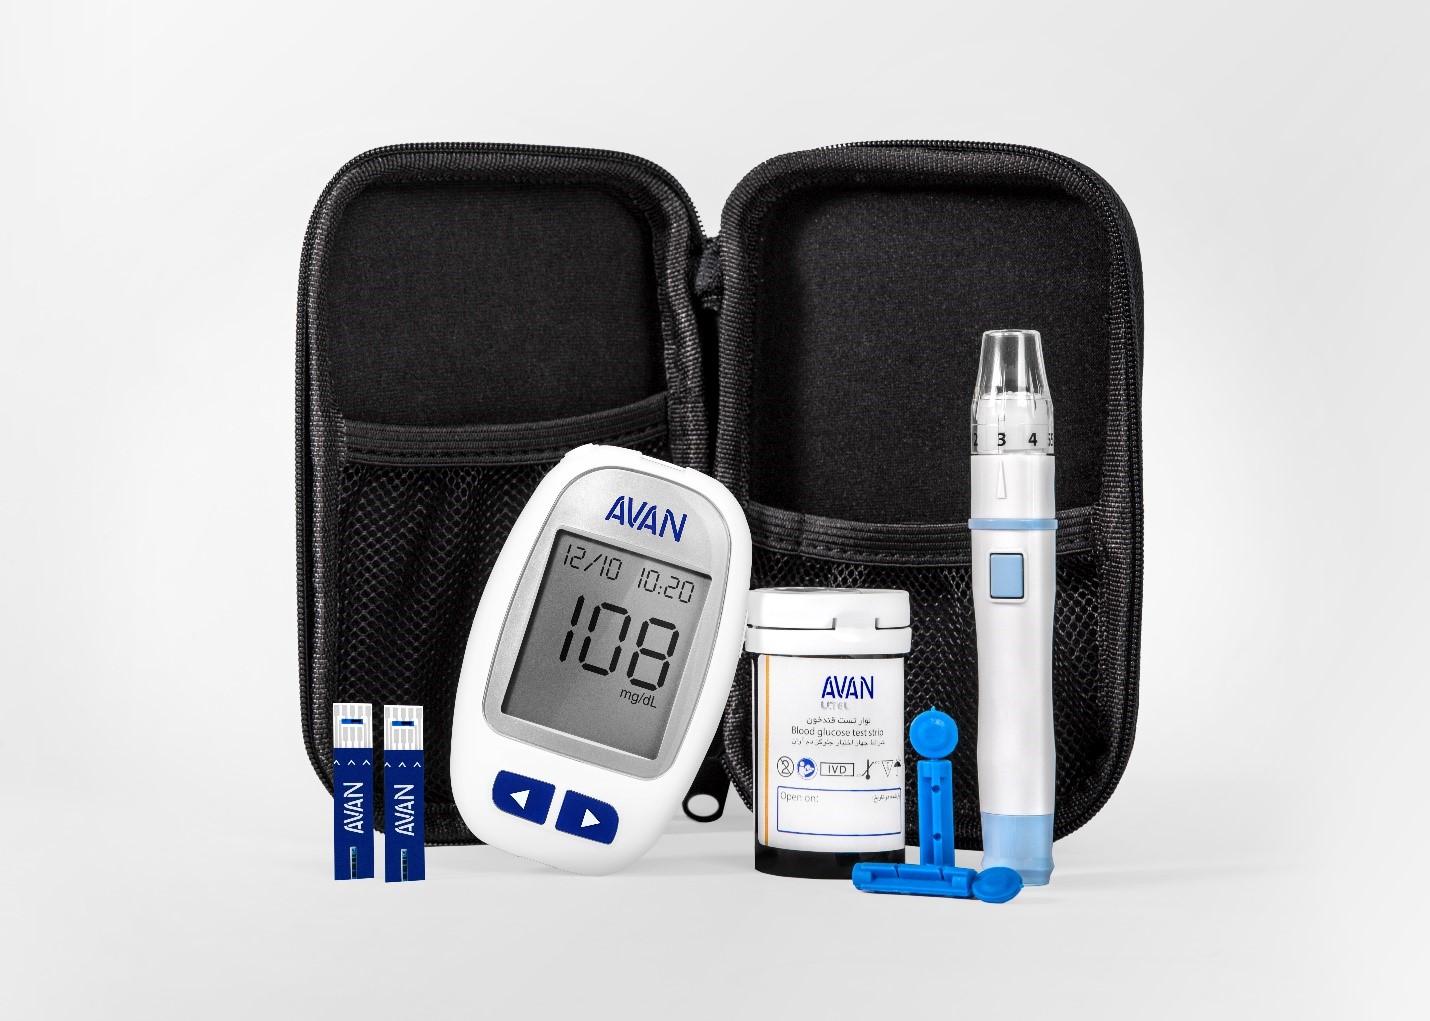 دستگاه تست قند خون آوان با نوار25 عددی